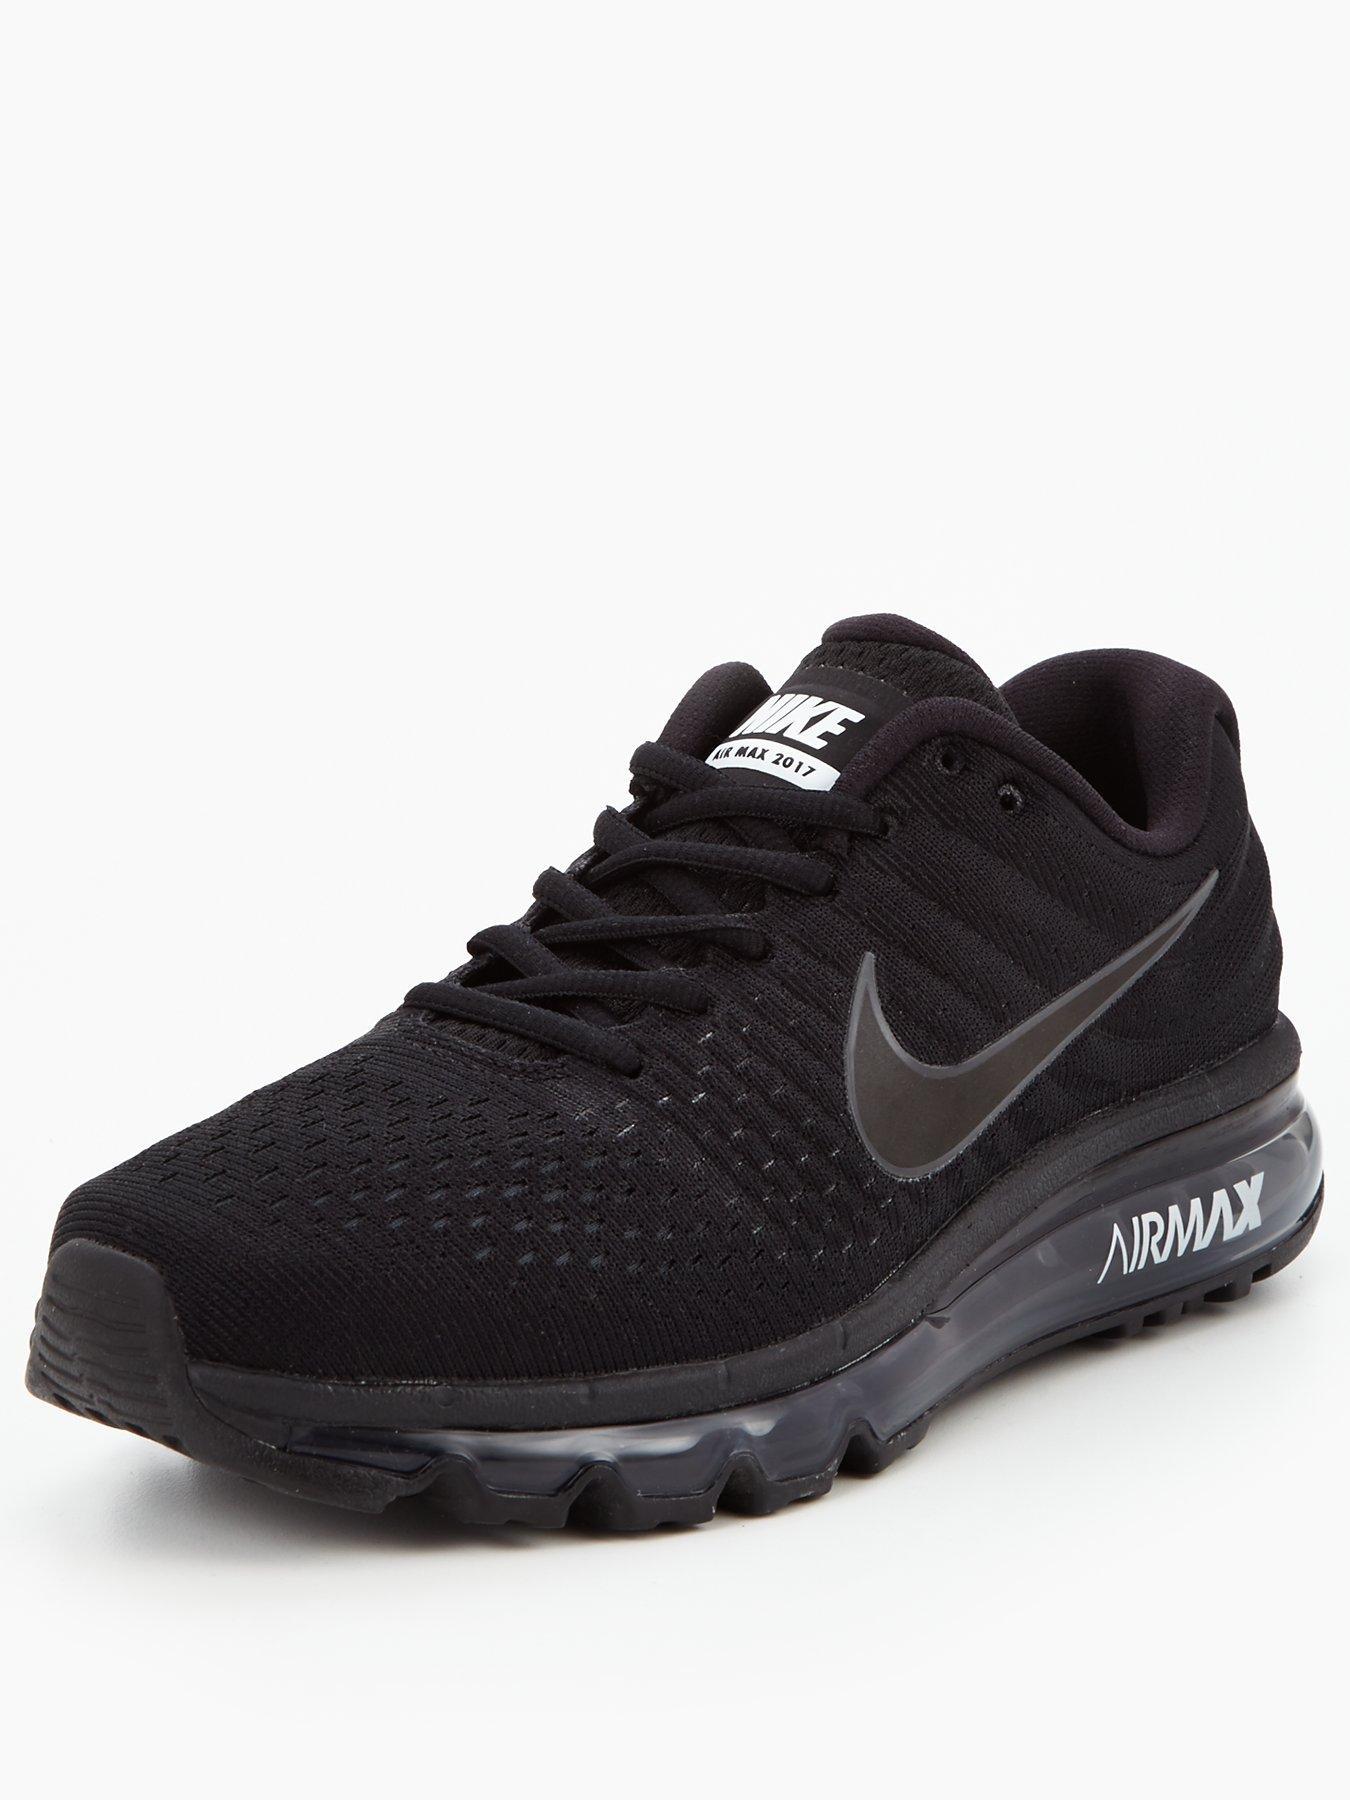 correndo mens le scarpe sportive sport e tempo libero nike www